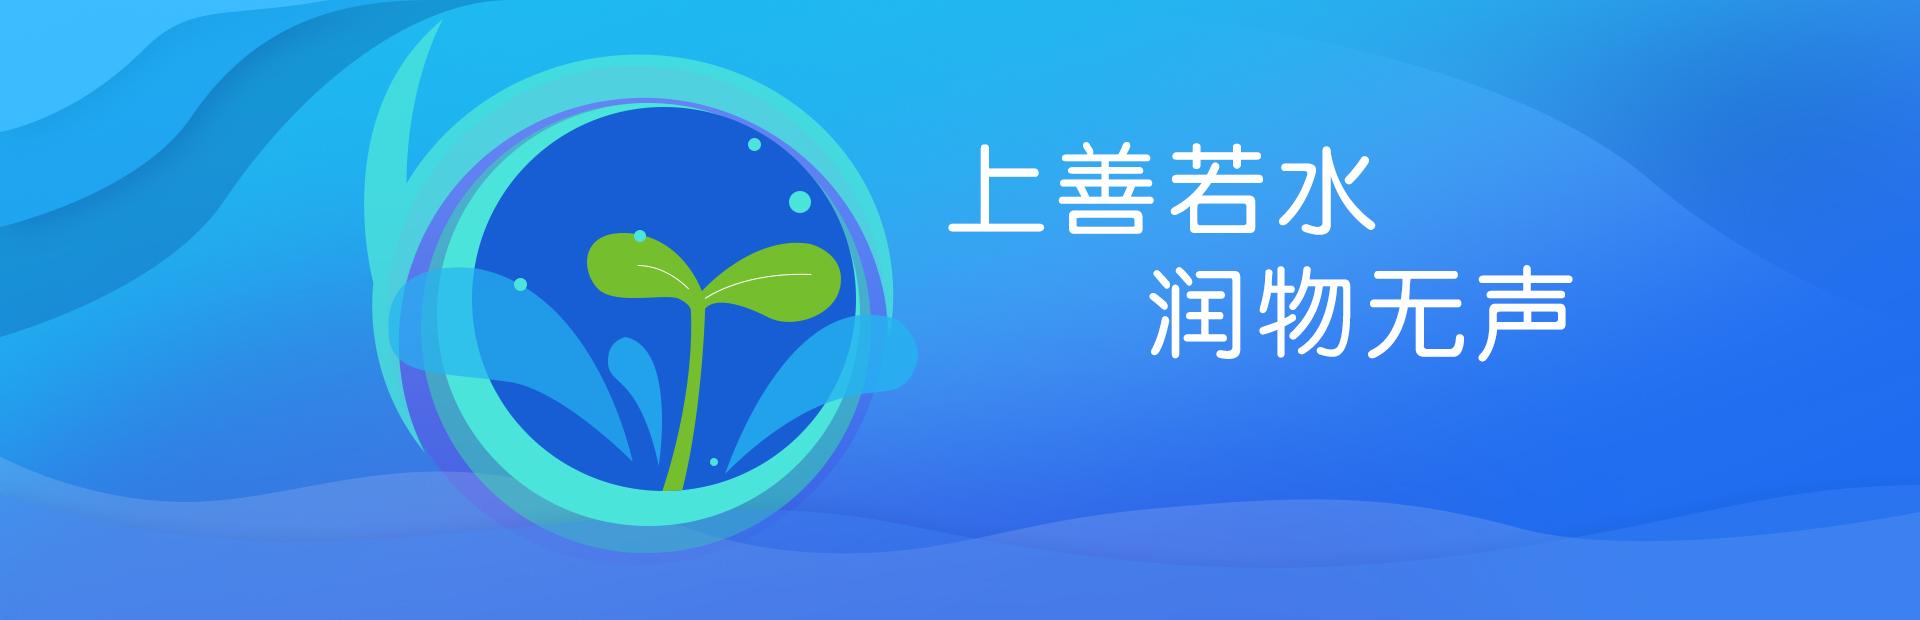 惠州善润企业管理咨询有限公司